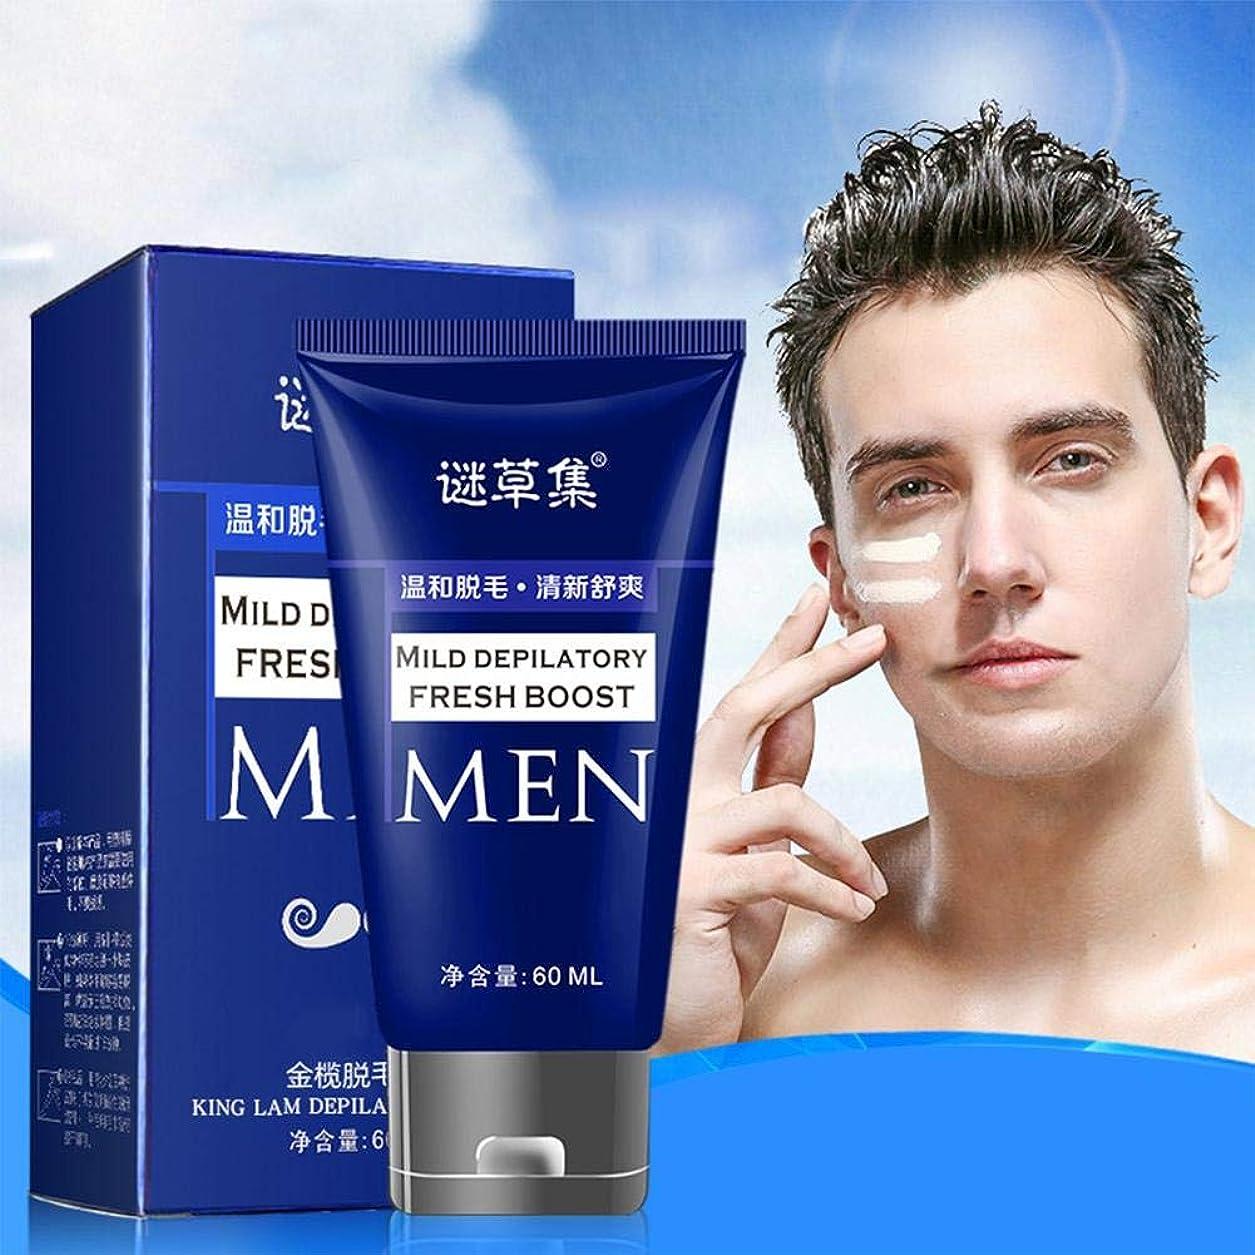 スピーチ塩辛い平凡SILUN 60ml男性用脱毛クリーム、脱毛、毛足、下腕、脱毛、脱毛クリーム